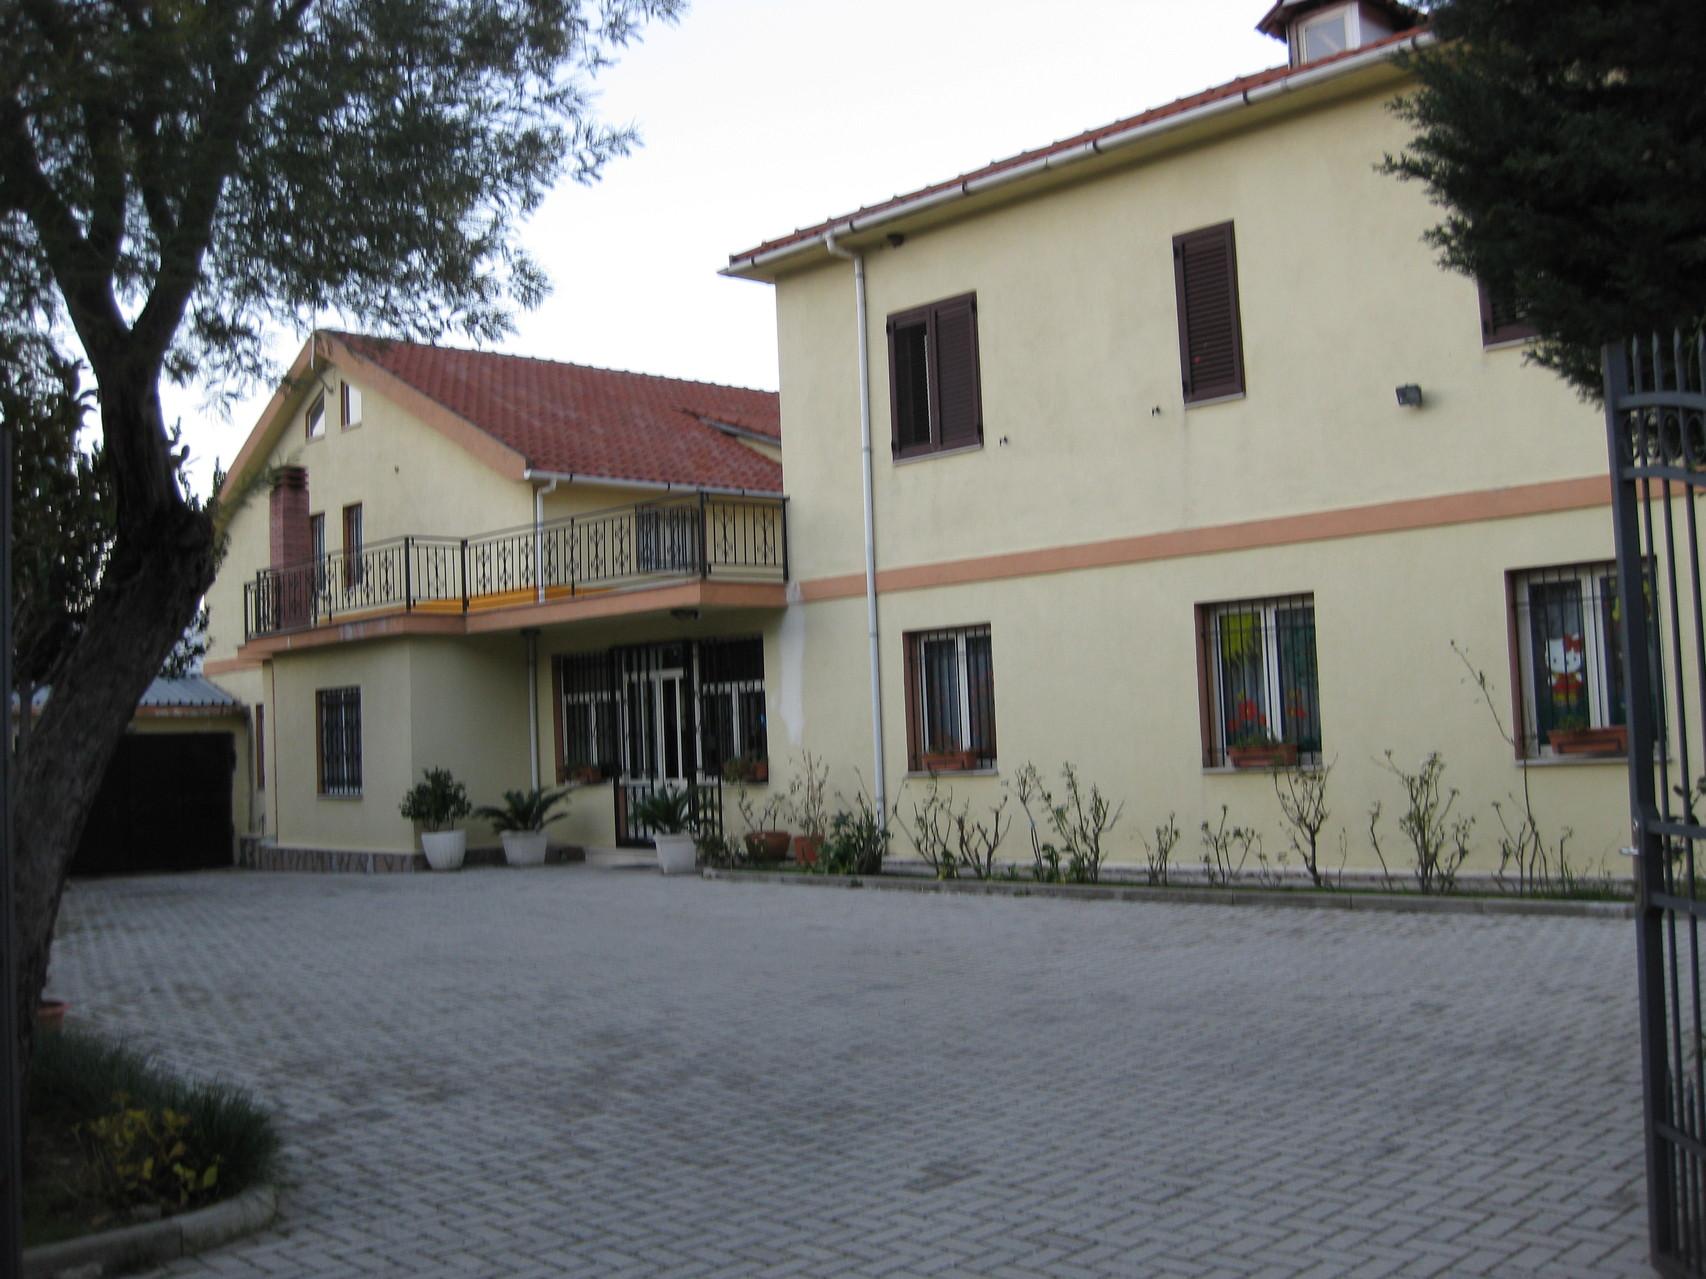 Prima Casa in Albania (Manati, Albania)